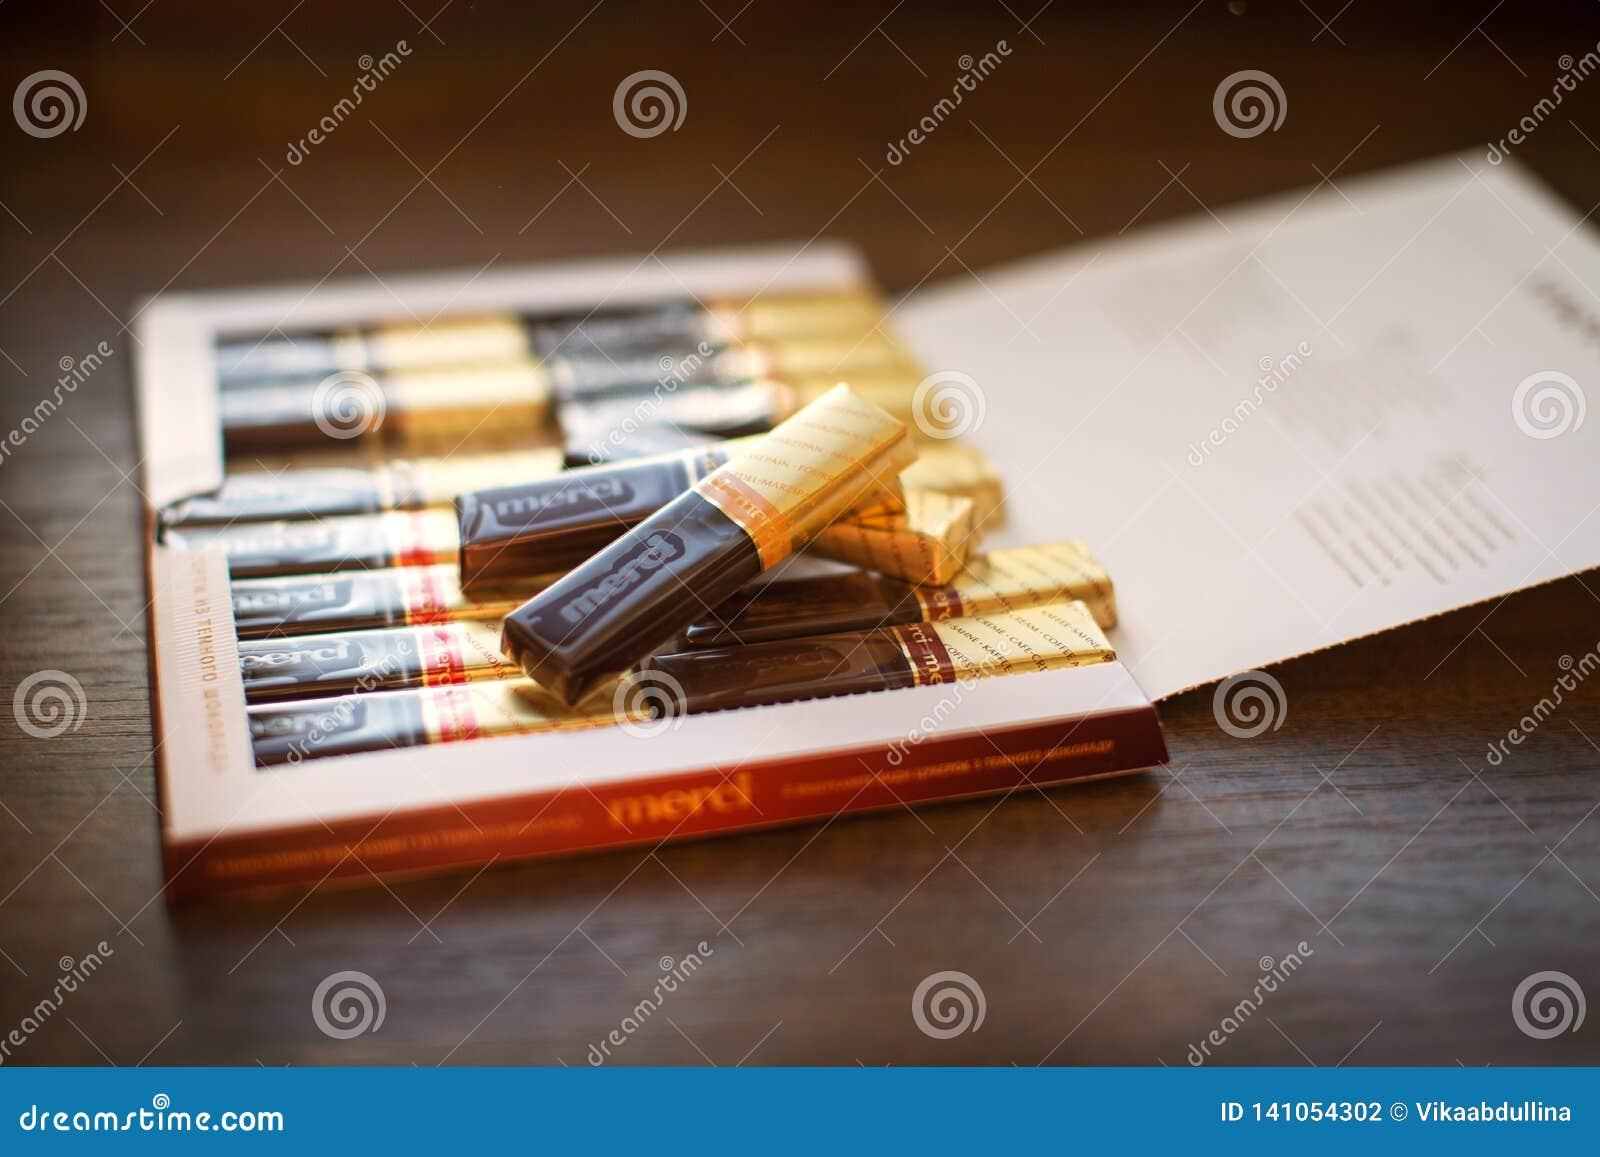 Шоколад Merci - бренд конфеты шоколада изготовленный немецкой компанией Storck -го августом, проданным в больше чем 70 странах